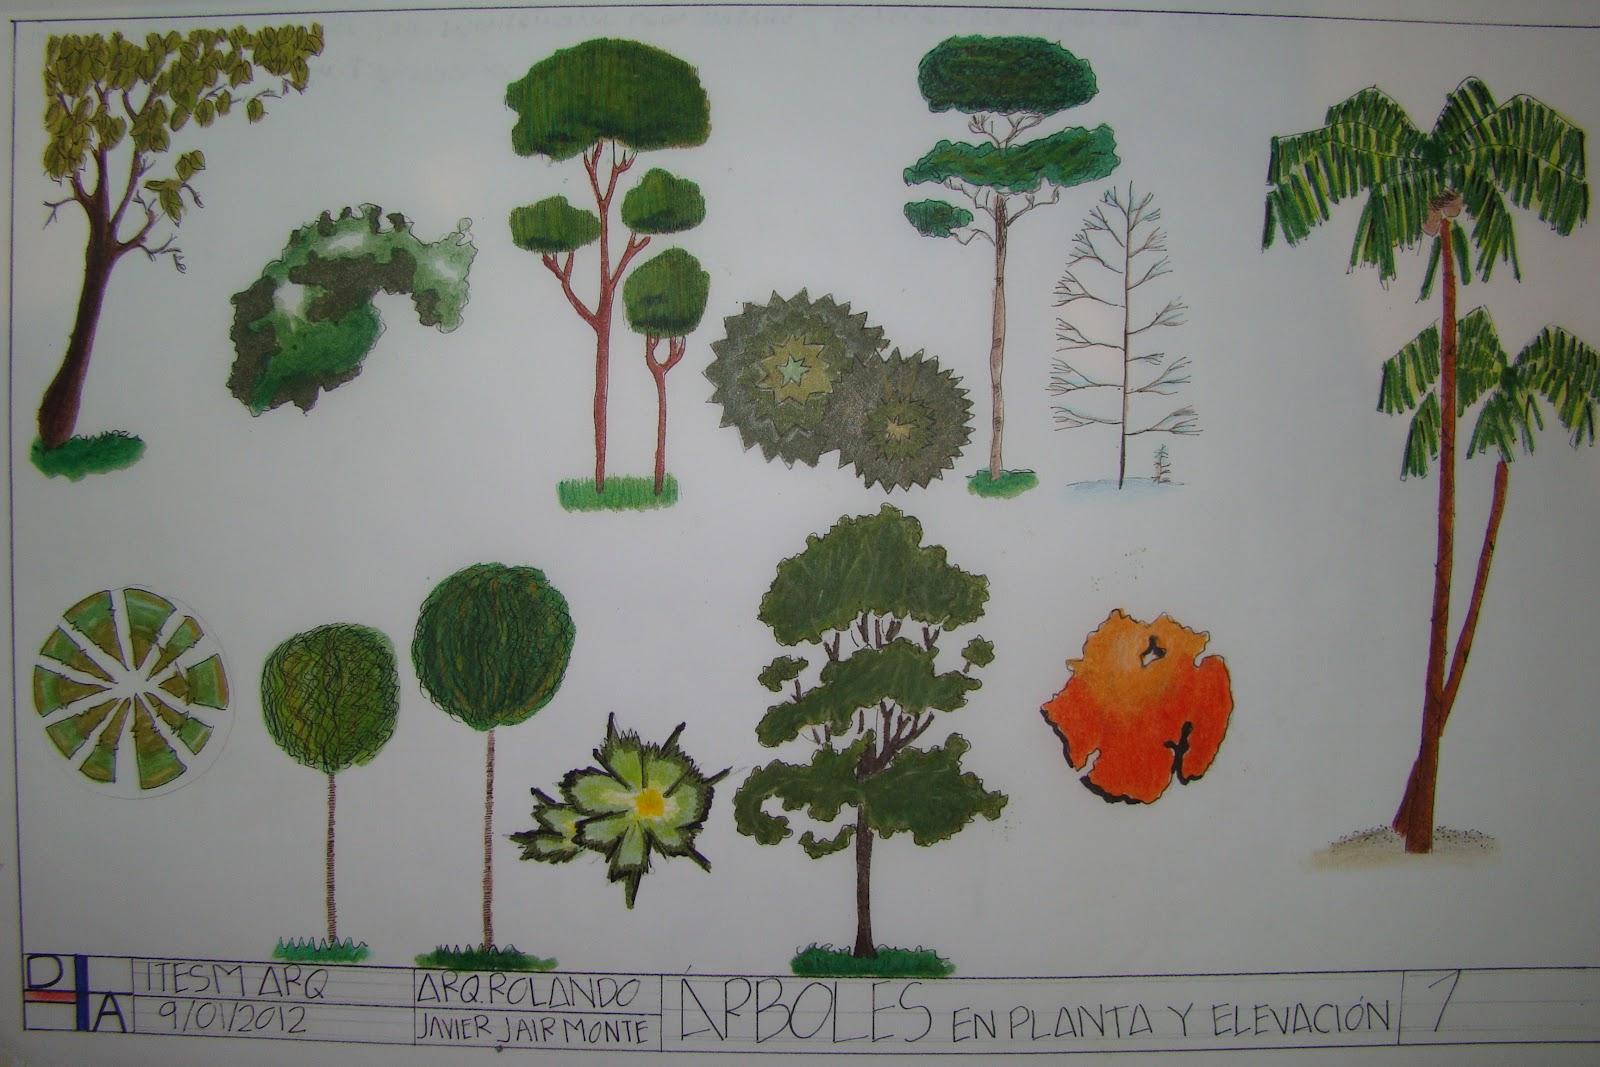 Dibujo arquitect nico rboles en planta y elevaci n for Tecnicas de representacion arquitectonica pdf